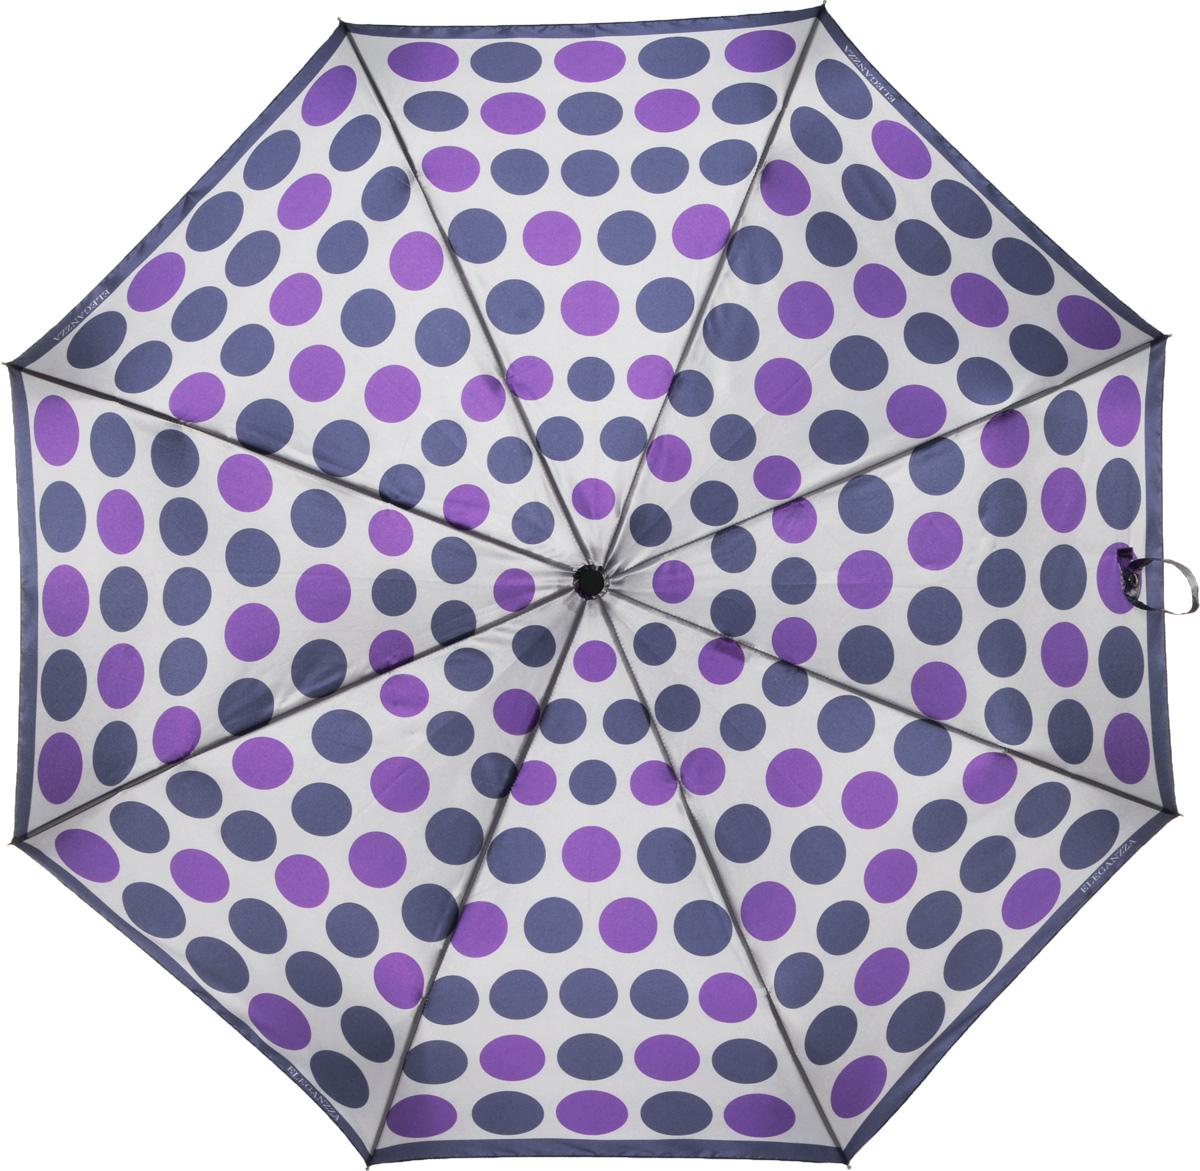 Зонт женский Eleganzza, автомат, 3 сложения, цвет: фиолетовый. A3-05-0277LSA3-05-0277LSЖенский зонт-автомат торговой марки ELEGANZZA с каркасом Smart, который позволяет без особых усилий складывать зонт, не позволяя стержню вылетать обратно. Купол: 100% полиэстер, сатин. Материал каркаса: сталь + алюминий + фибергласс. Материал ручки: пластик. Длина изделия - 30 см. Диаметр купола - 105 см. Система Smart, не позволяет стержню при сложении вылететь обратно, это облегчает сложение зонта! При сложении есть характерный звук-треск, как трещетка. Примечание: зонт не откроется с кнопки если его не закрыть до щелчка!